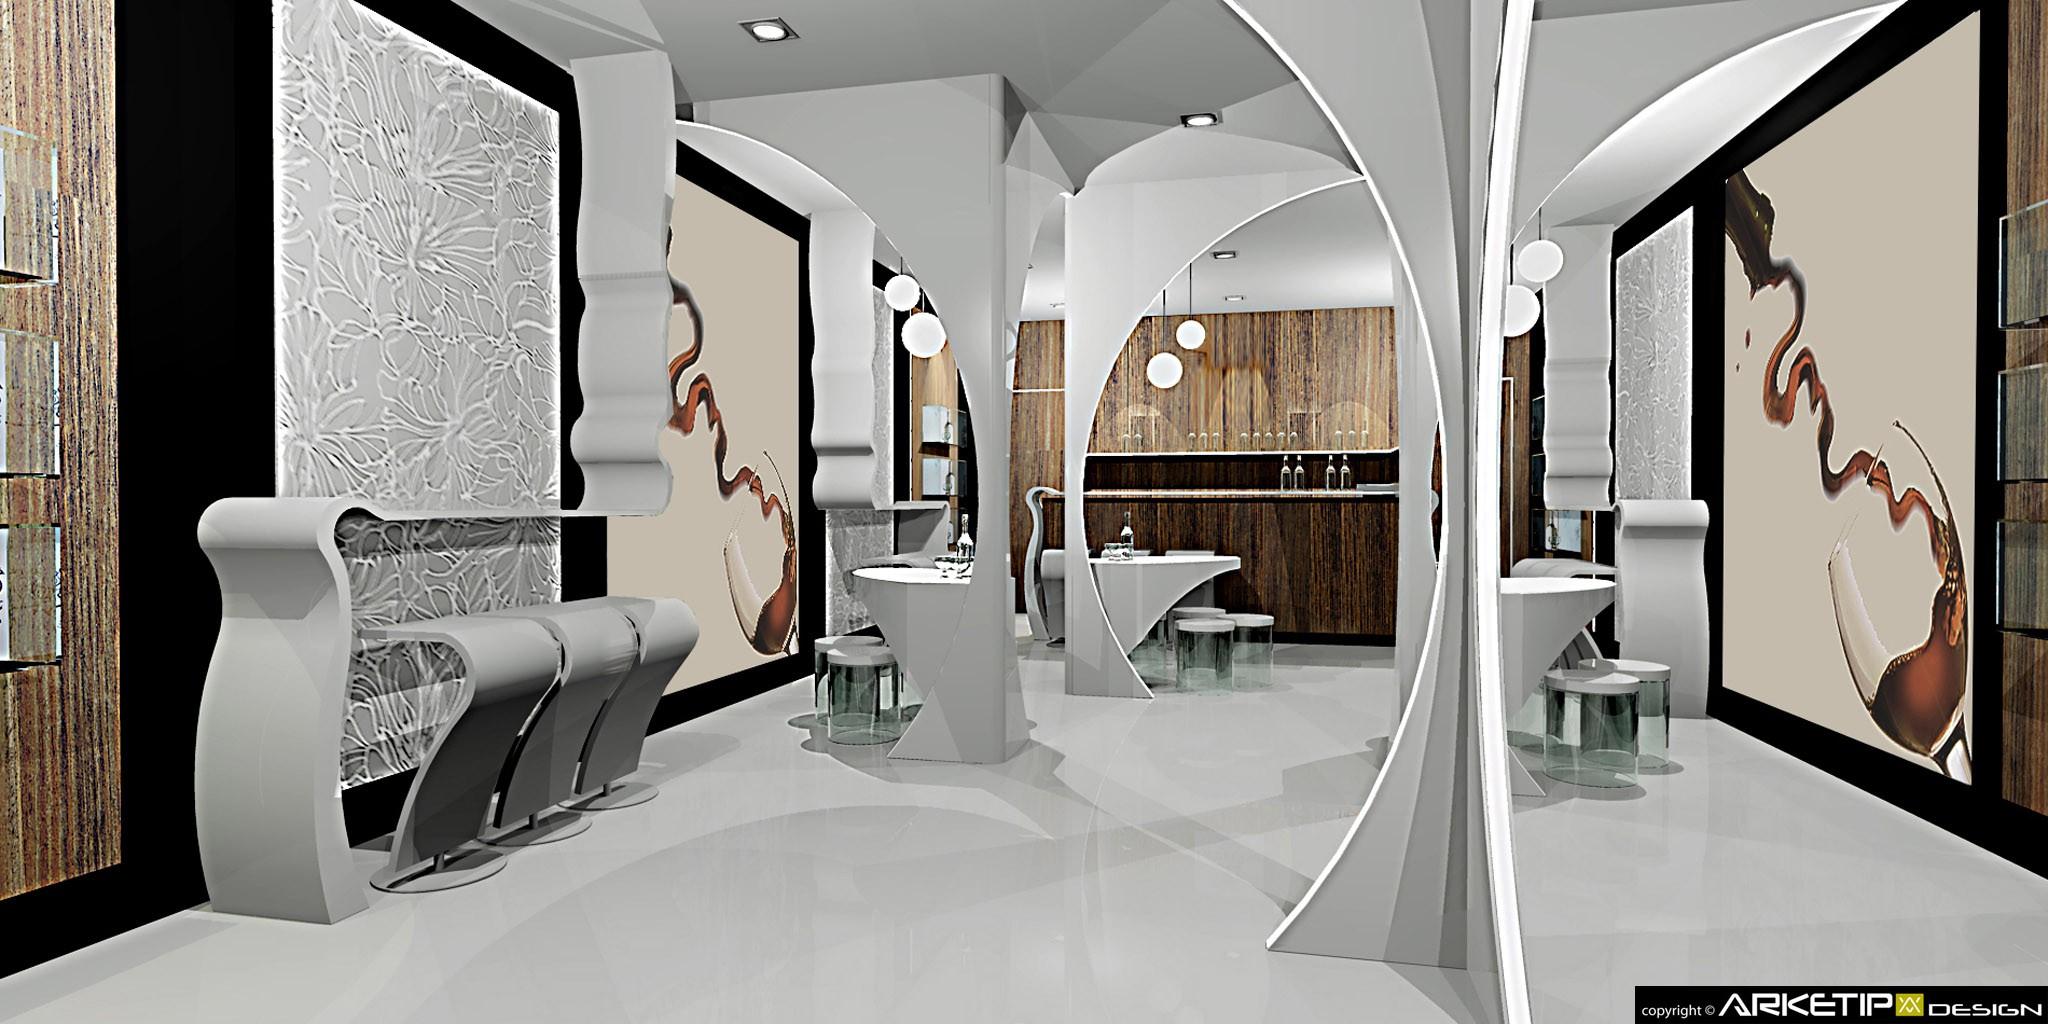 Arredamento bar e ristoranti milano ristrutturazione for Arredamento bar usato milano